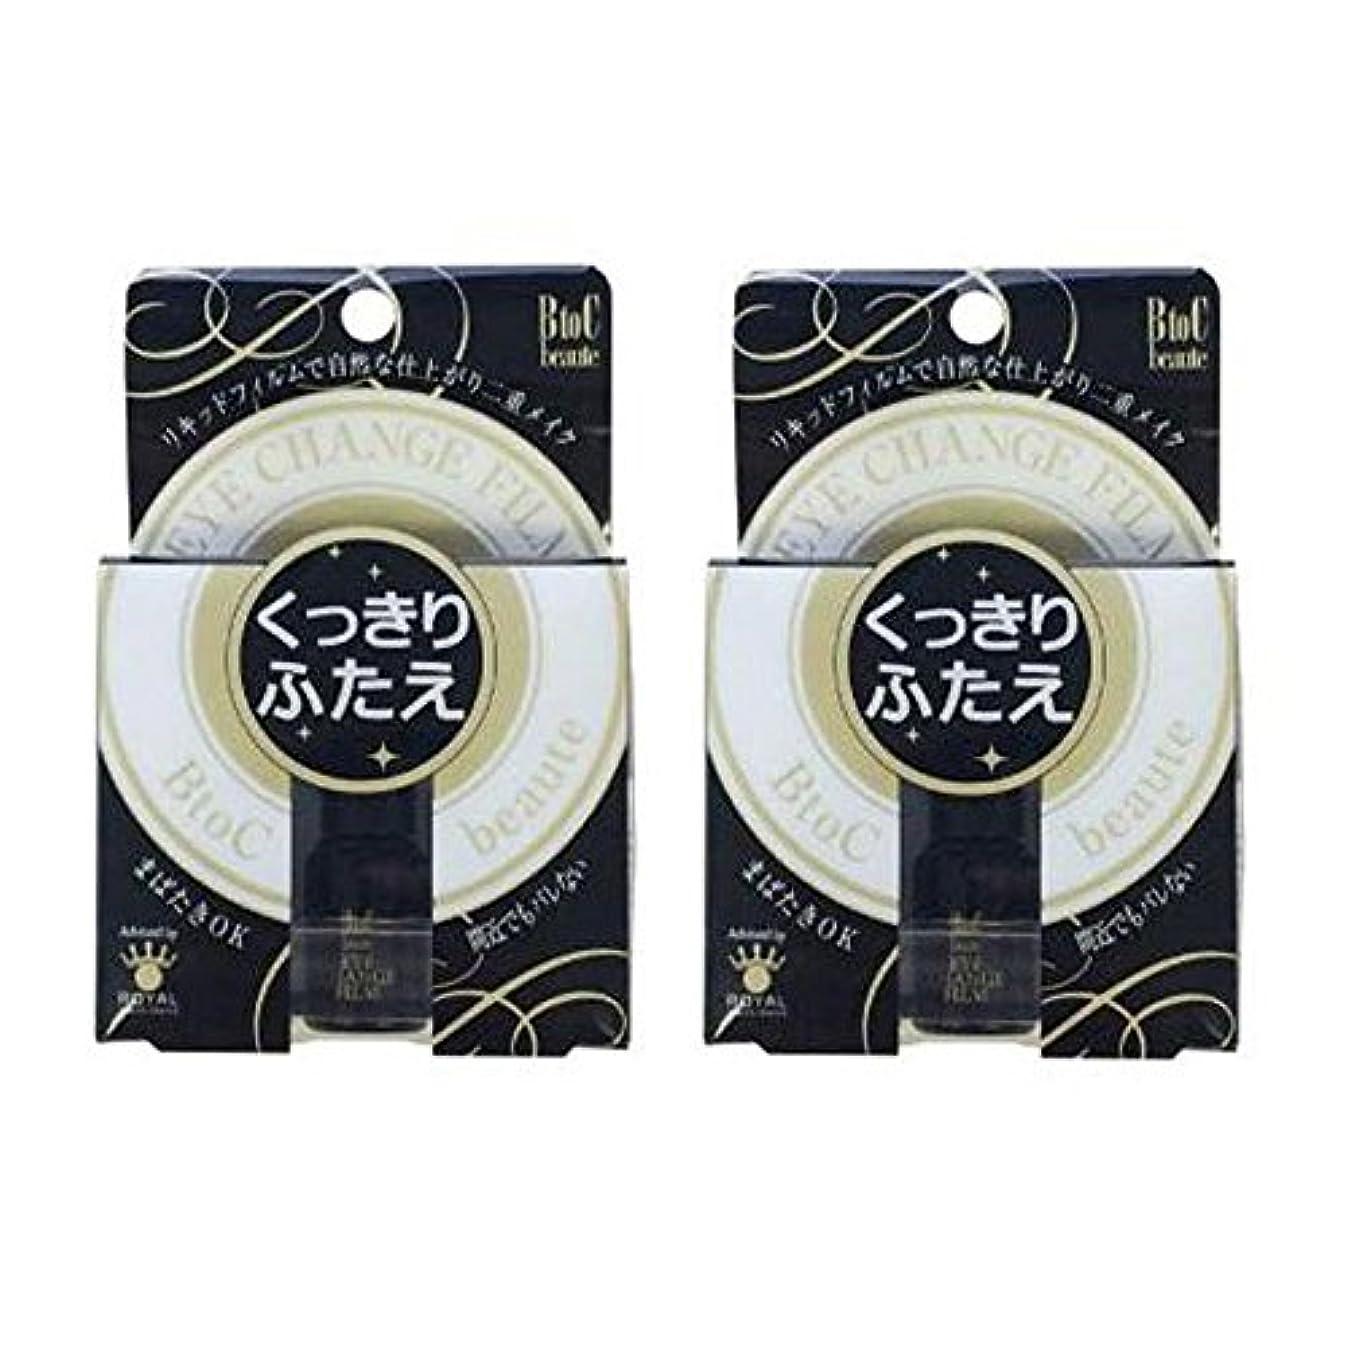 スワップオールめんどりBtoC beaute くっきりふたえ アイチェンジフィルム (二重形成化粧品) 2個セット